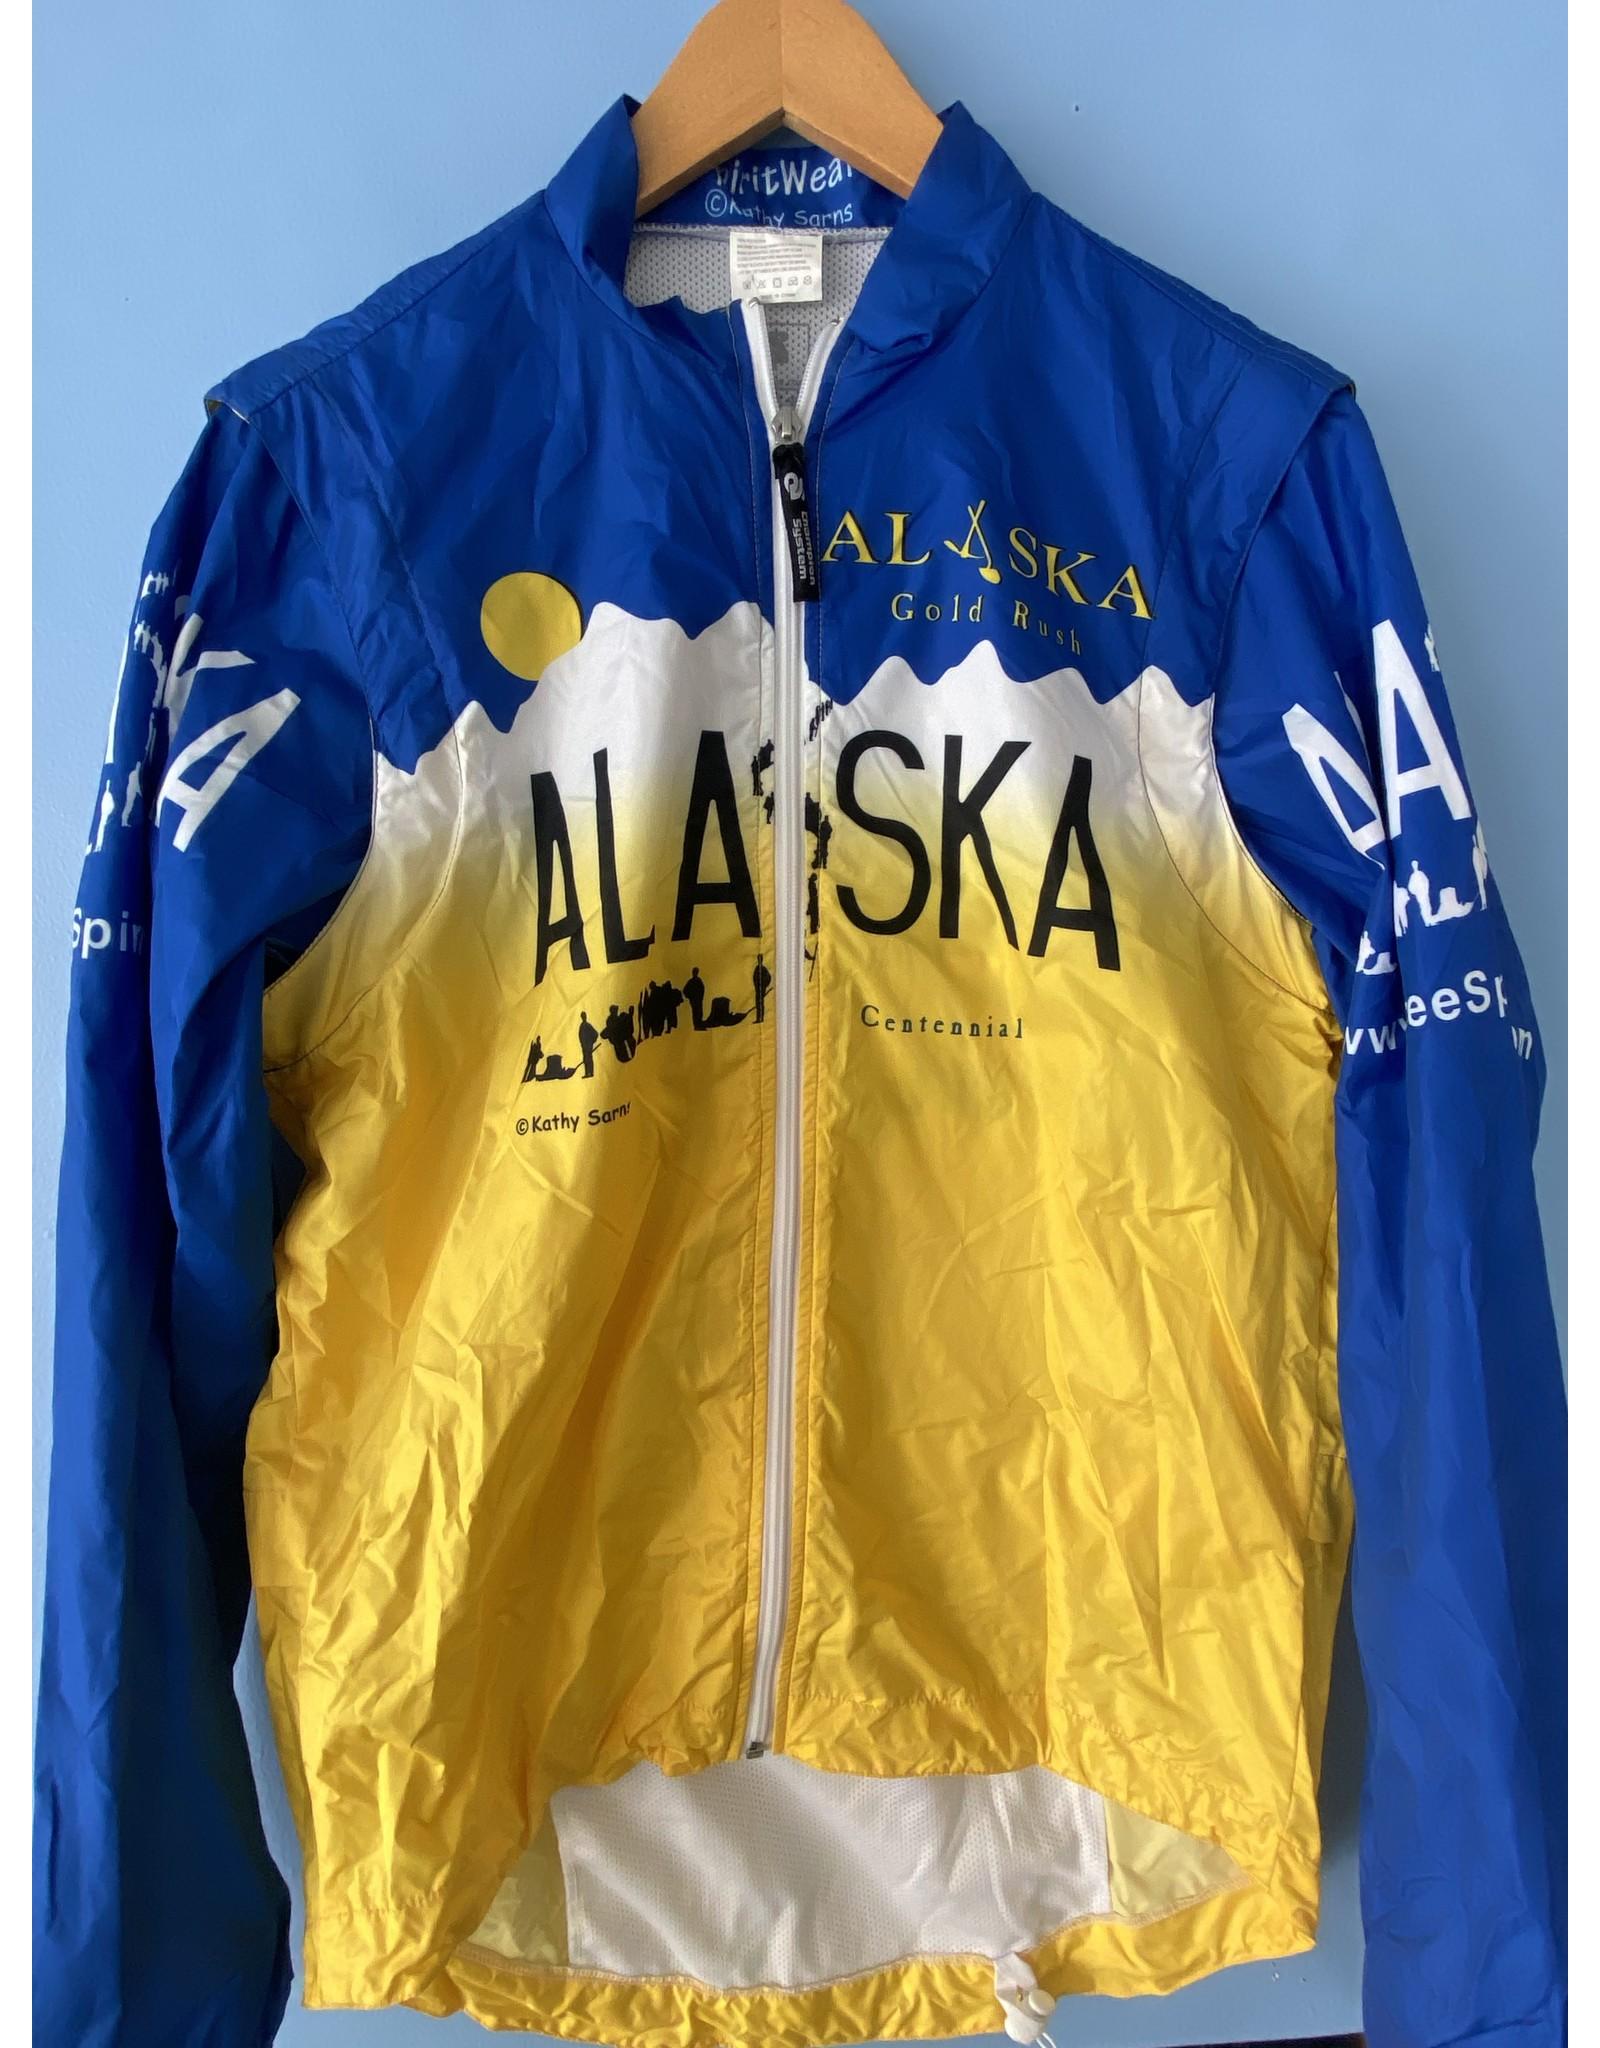 Free Spirit Free Spirit Alaska Gold Rush Jacket